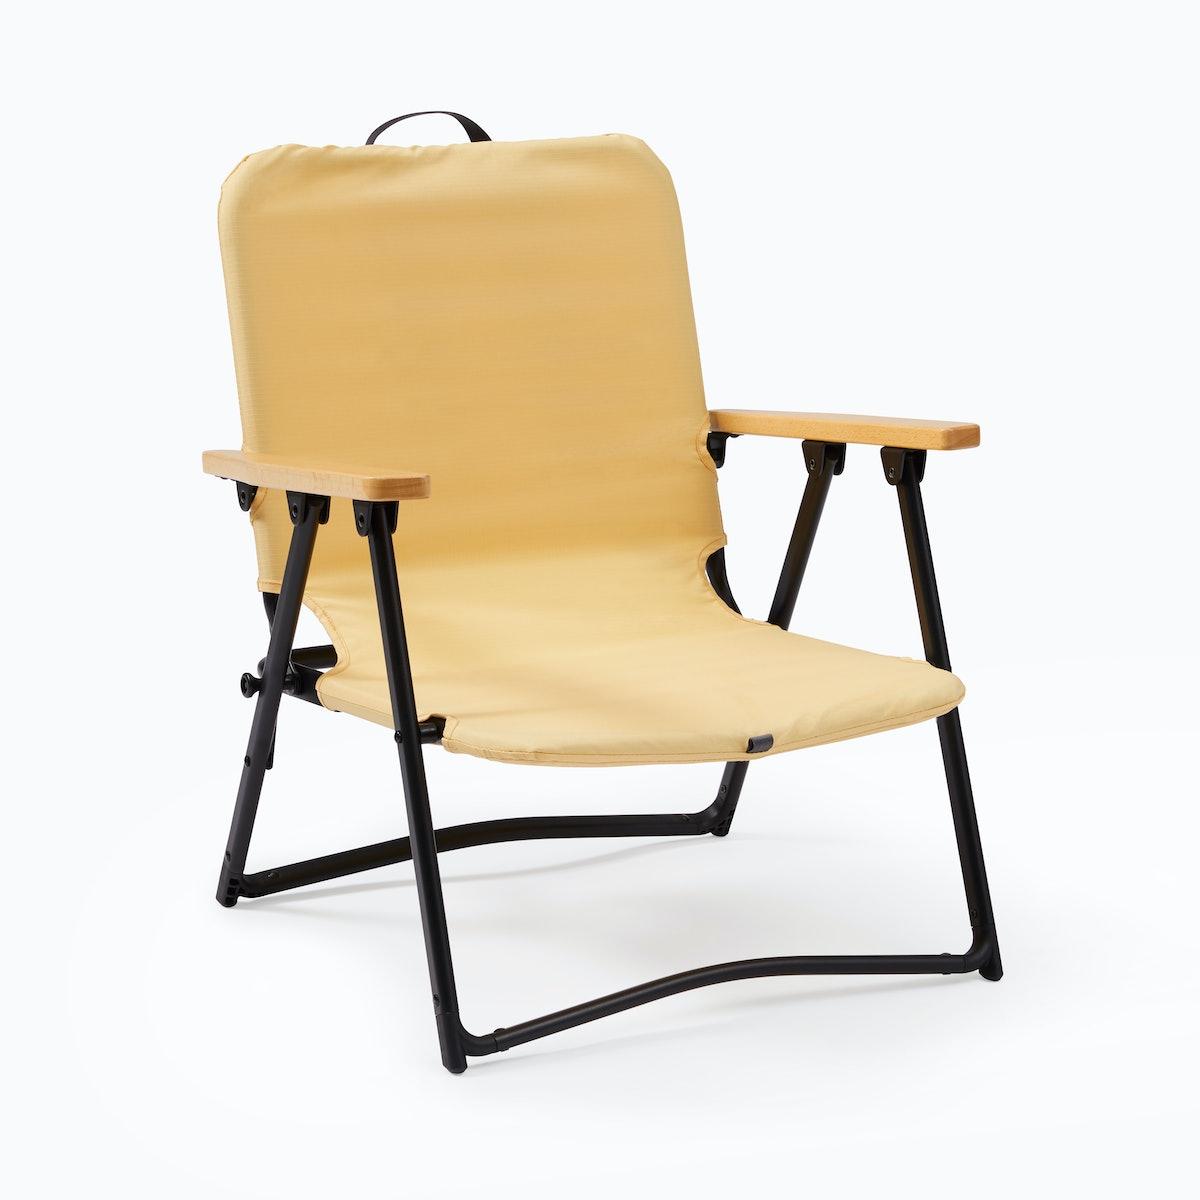 REI Co-op Outward Low Lawn Chair